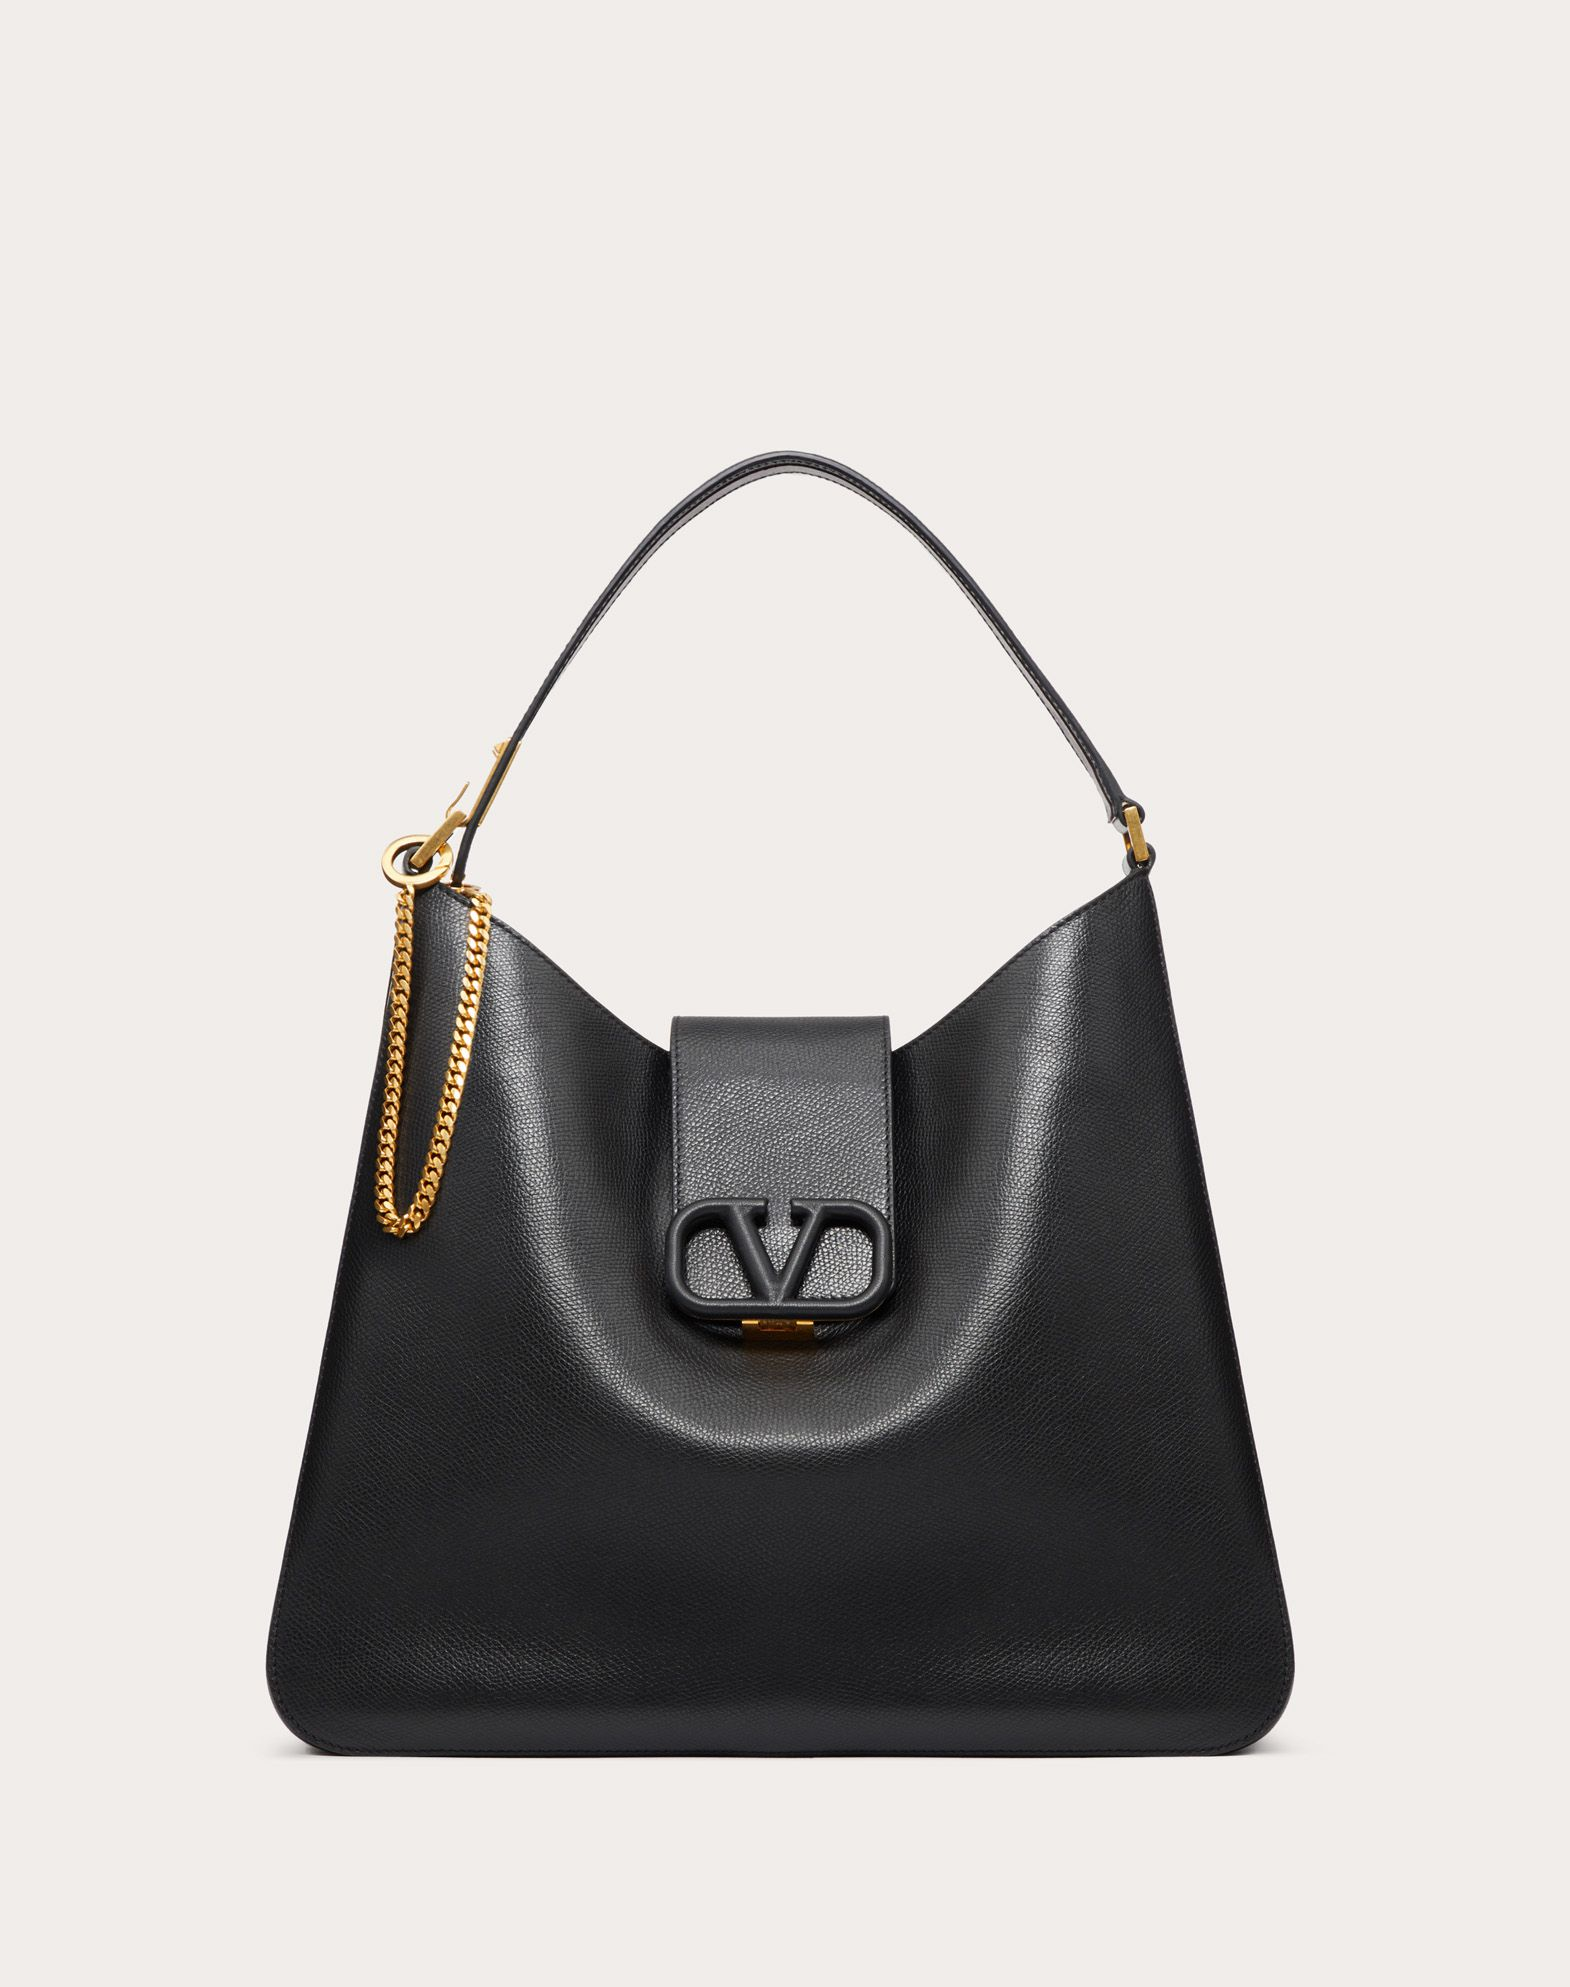 VSLING Grainy Calfskin Hobo Bag